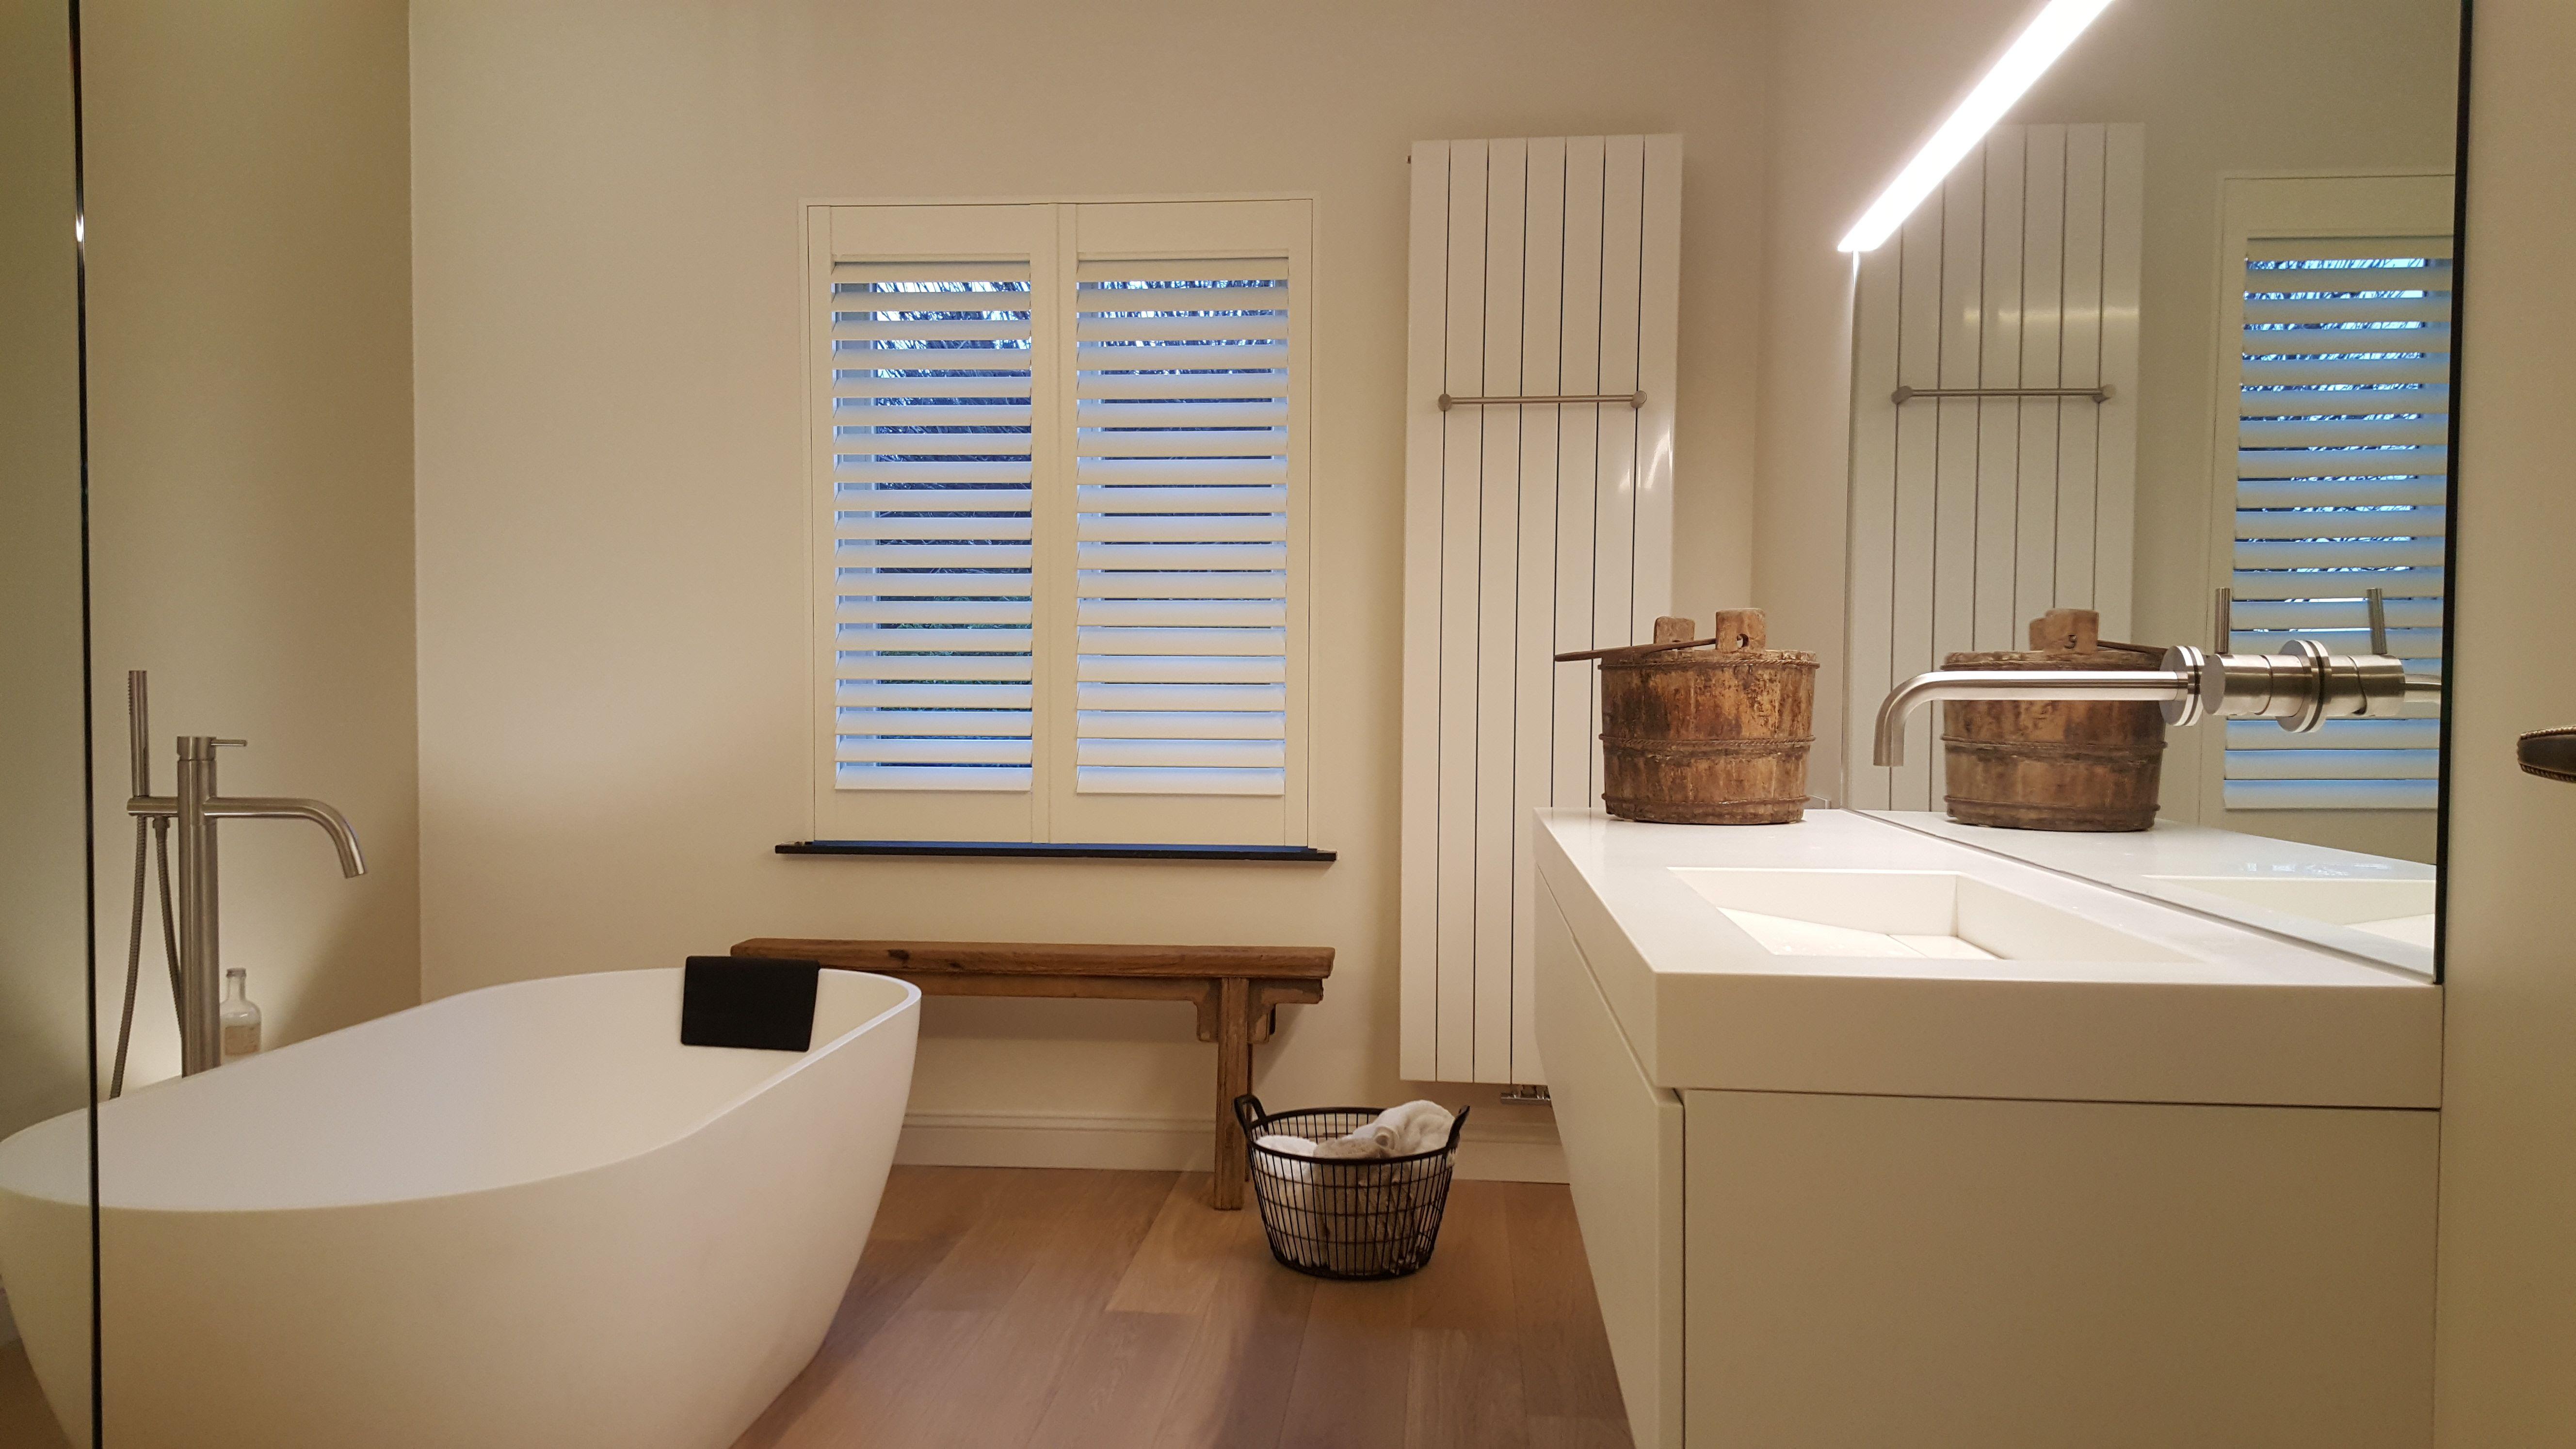 Praxis op zoek naar raamdecoratie voor in je badkamer kijk dan